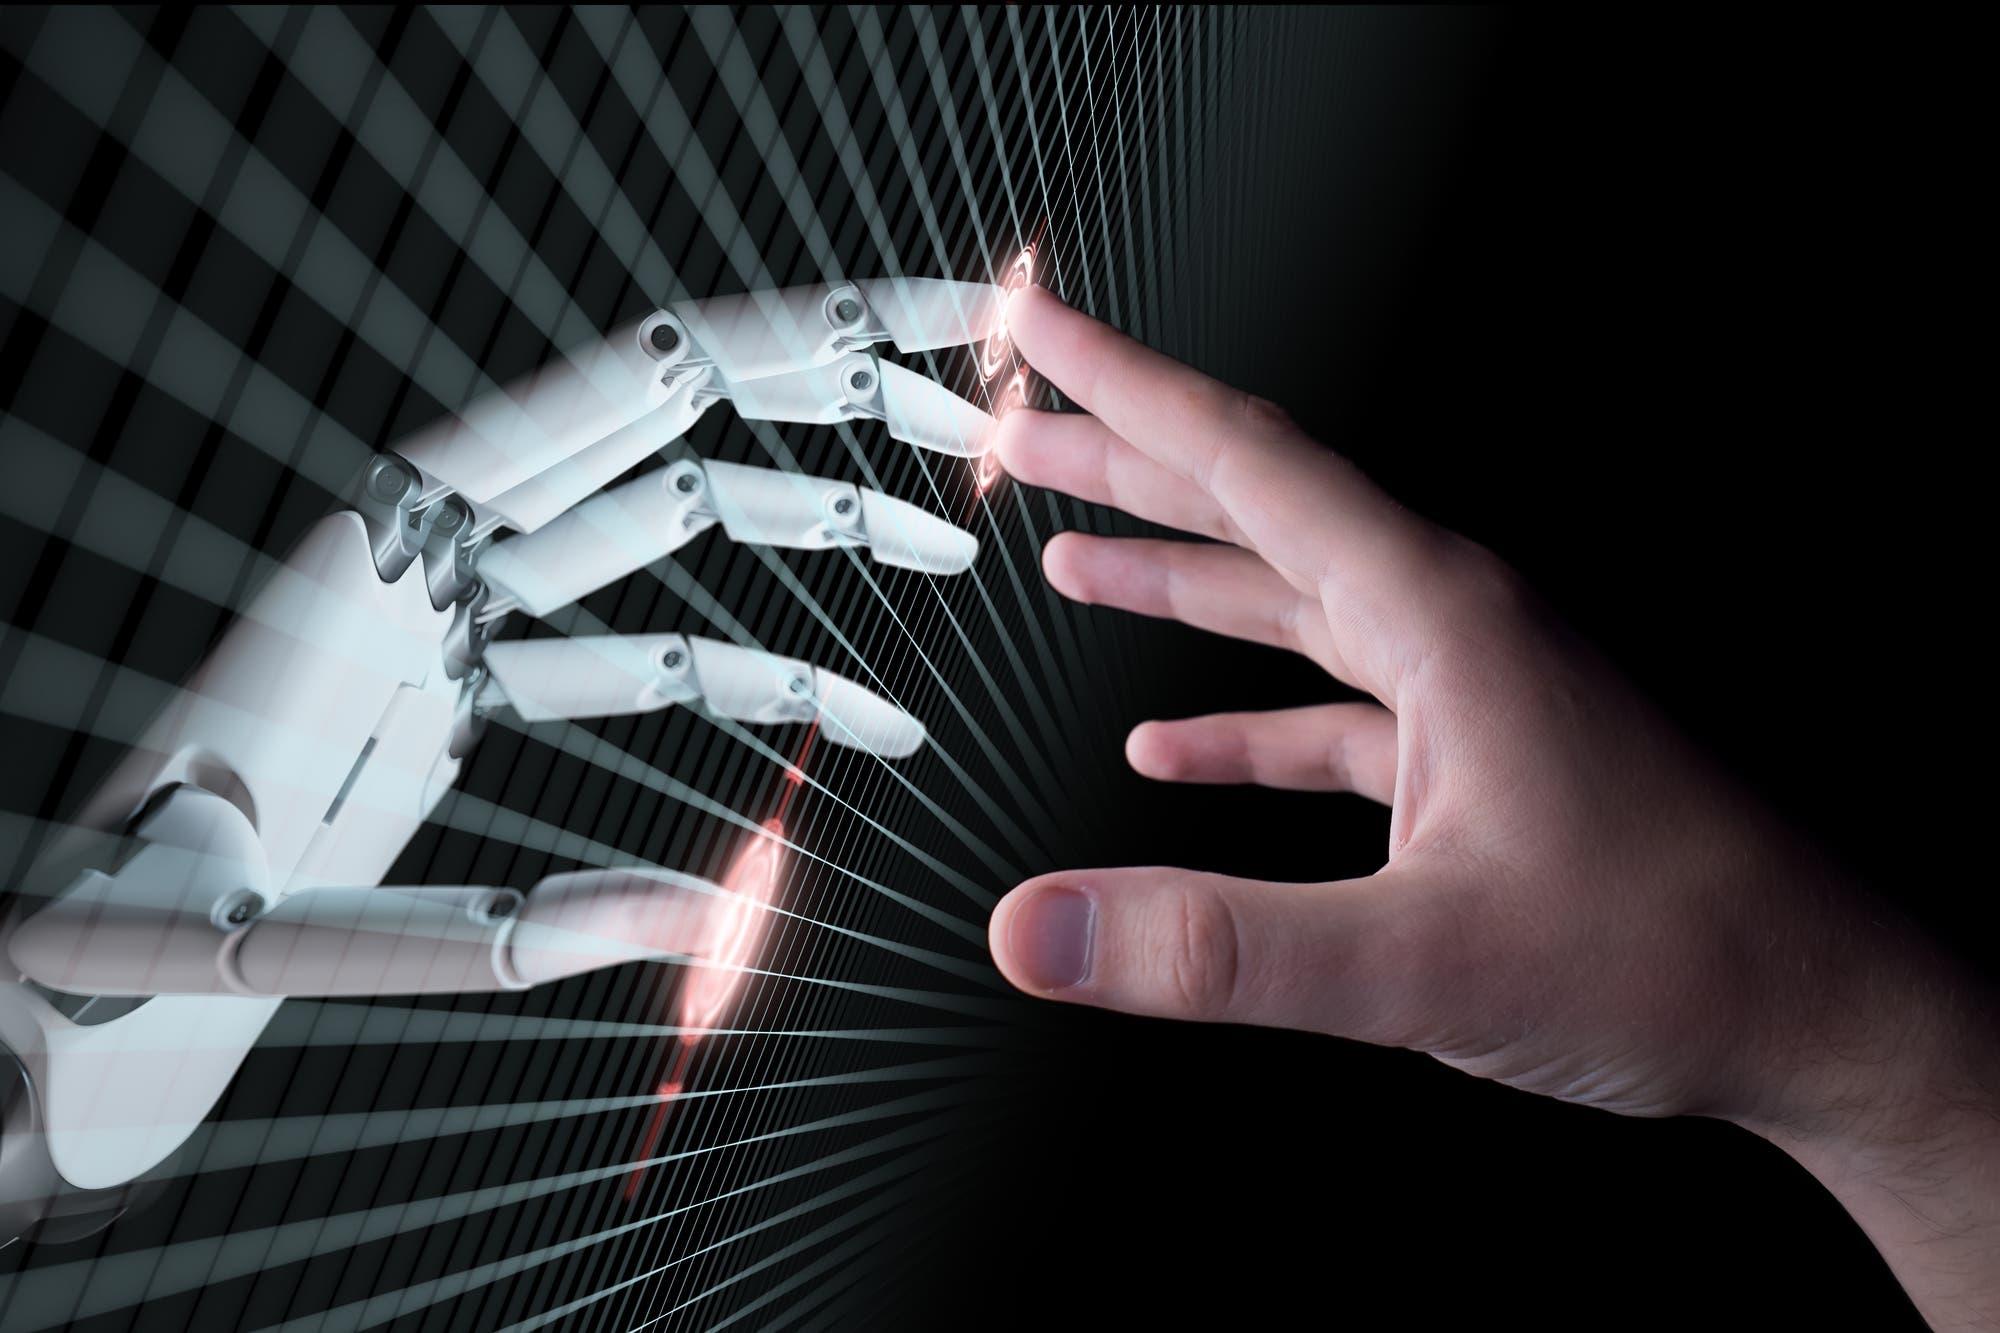 """Qué es el """"invierno de la inteligencia artificial"""" y por qué hay expertos que creen que estamos acercándonos a uno"""